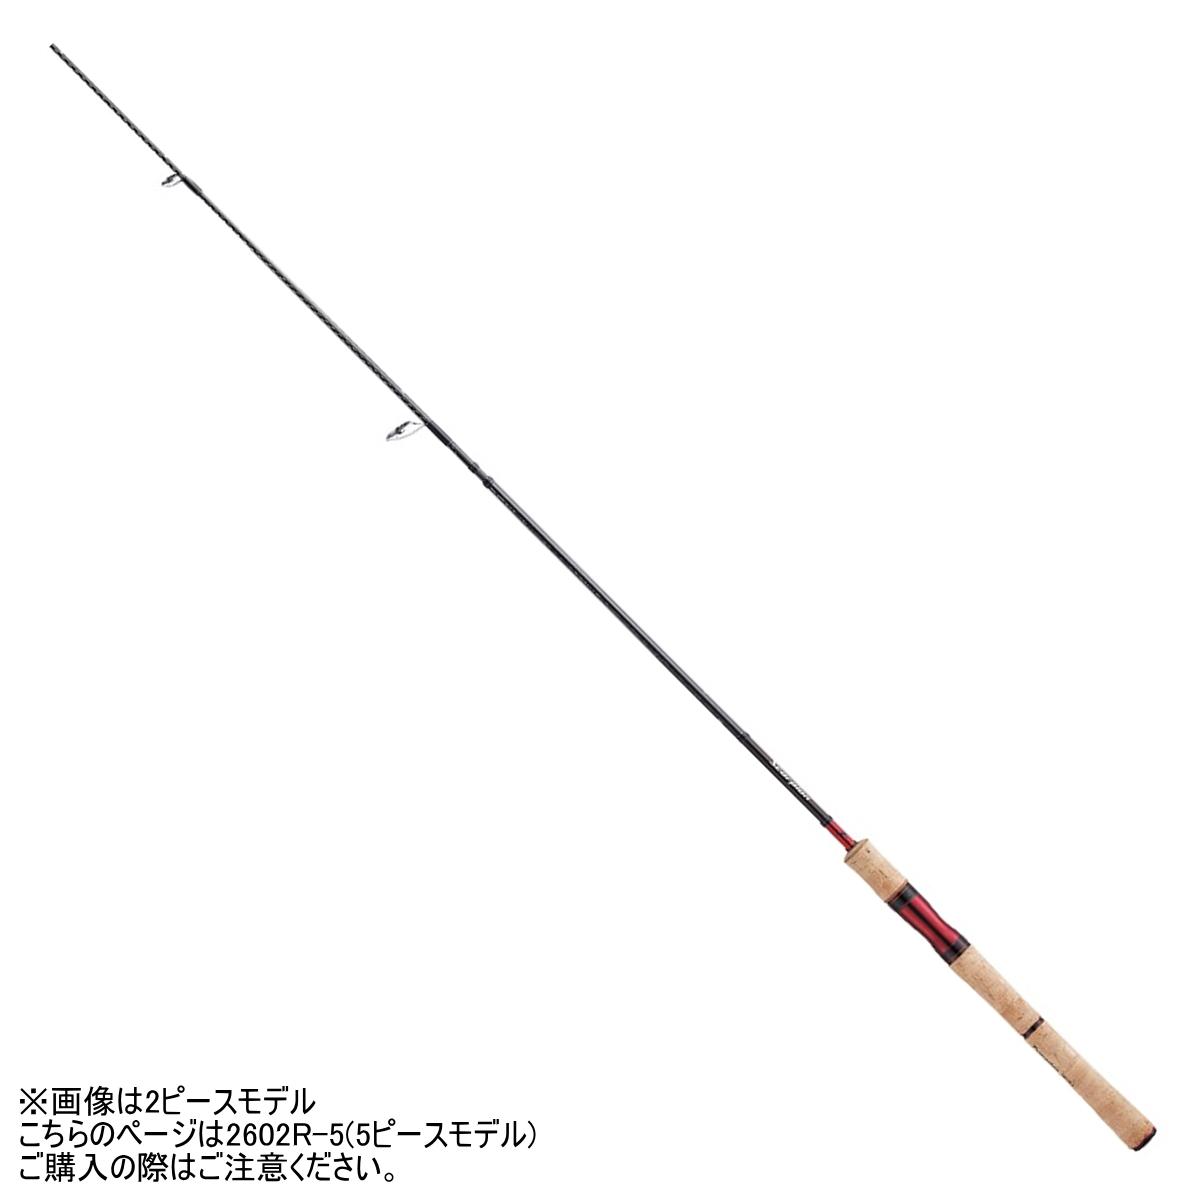 【送料無料5】シマノ ロッド '19 スコーピオン スピニングモデル 2602R-5 5ピース